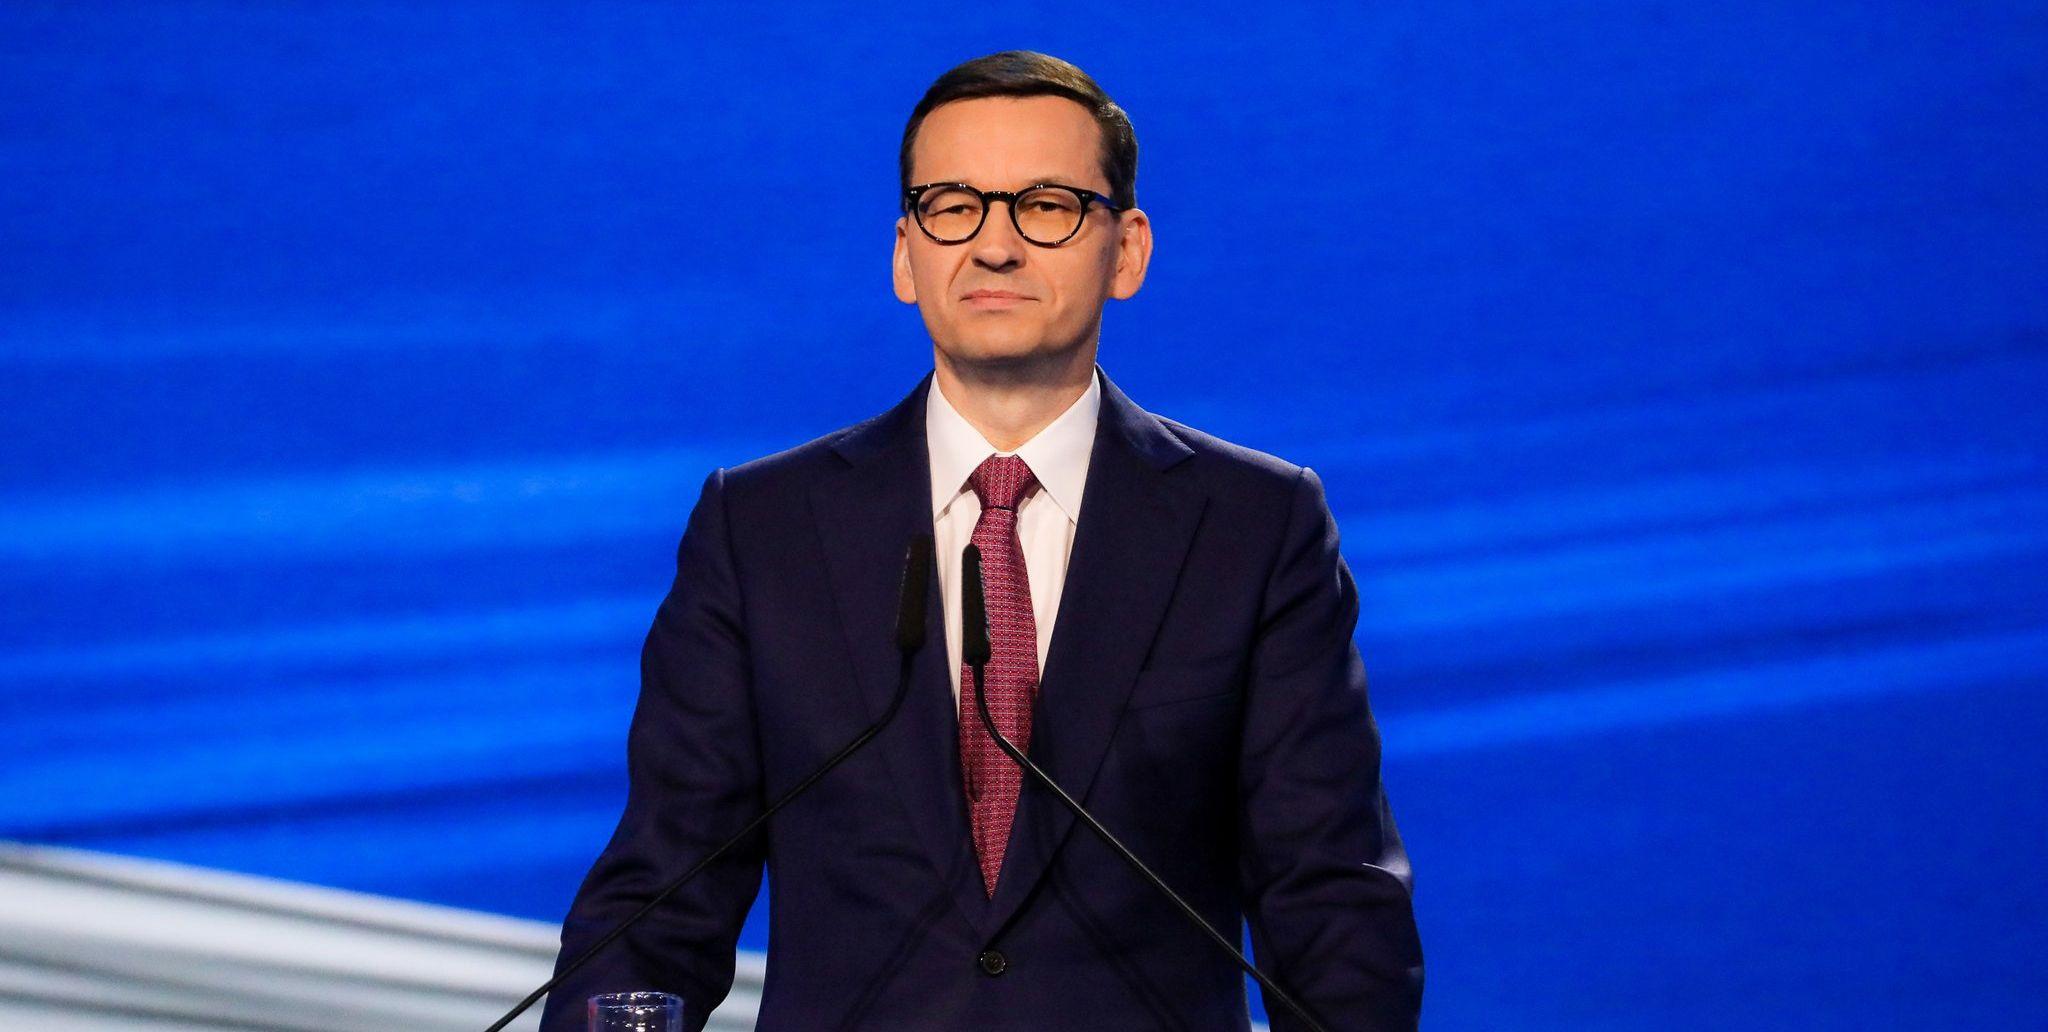 Przedsiębiorcy będą mieć kłopoty. Kto zapłaci za Polski Ład? [GRAFIKI] - Zdjęcie główne